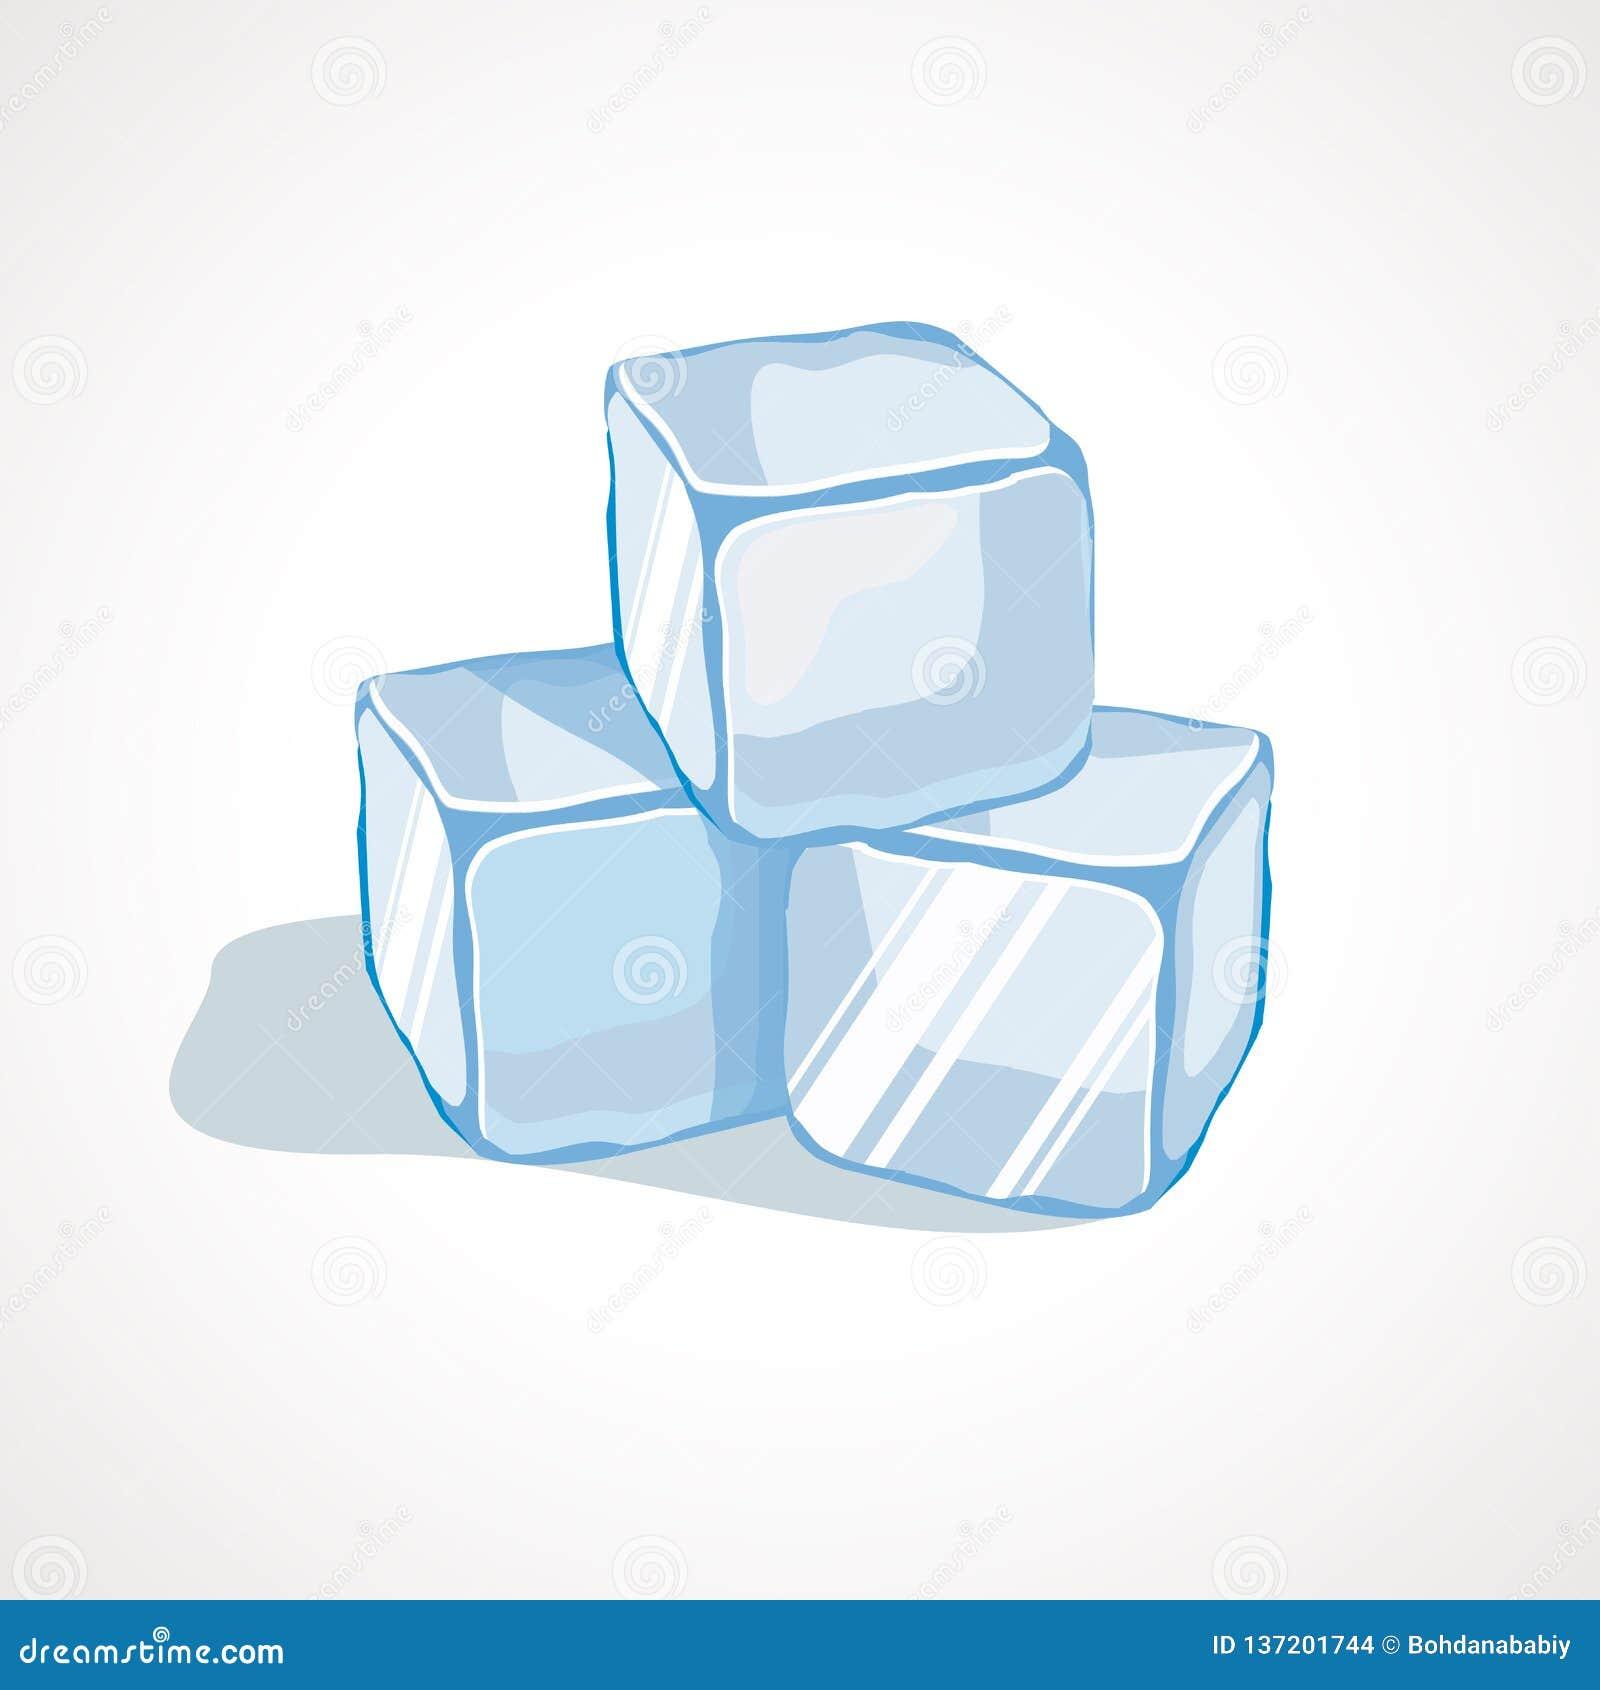 Ilustracao Do Vetor De Cubos De Gelo Azuis Dos Desenhos Animados